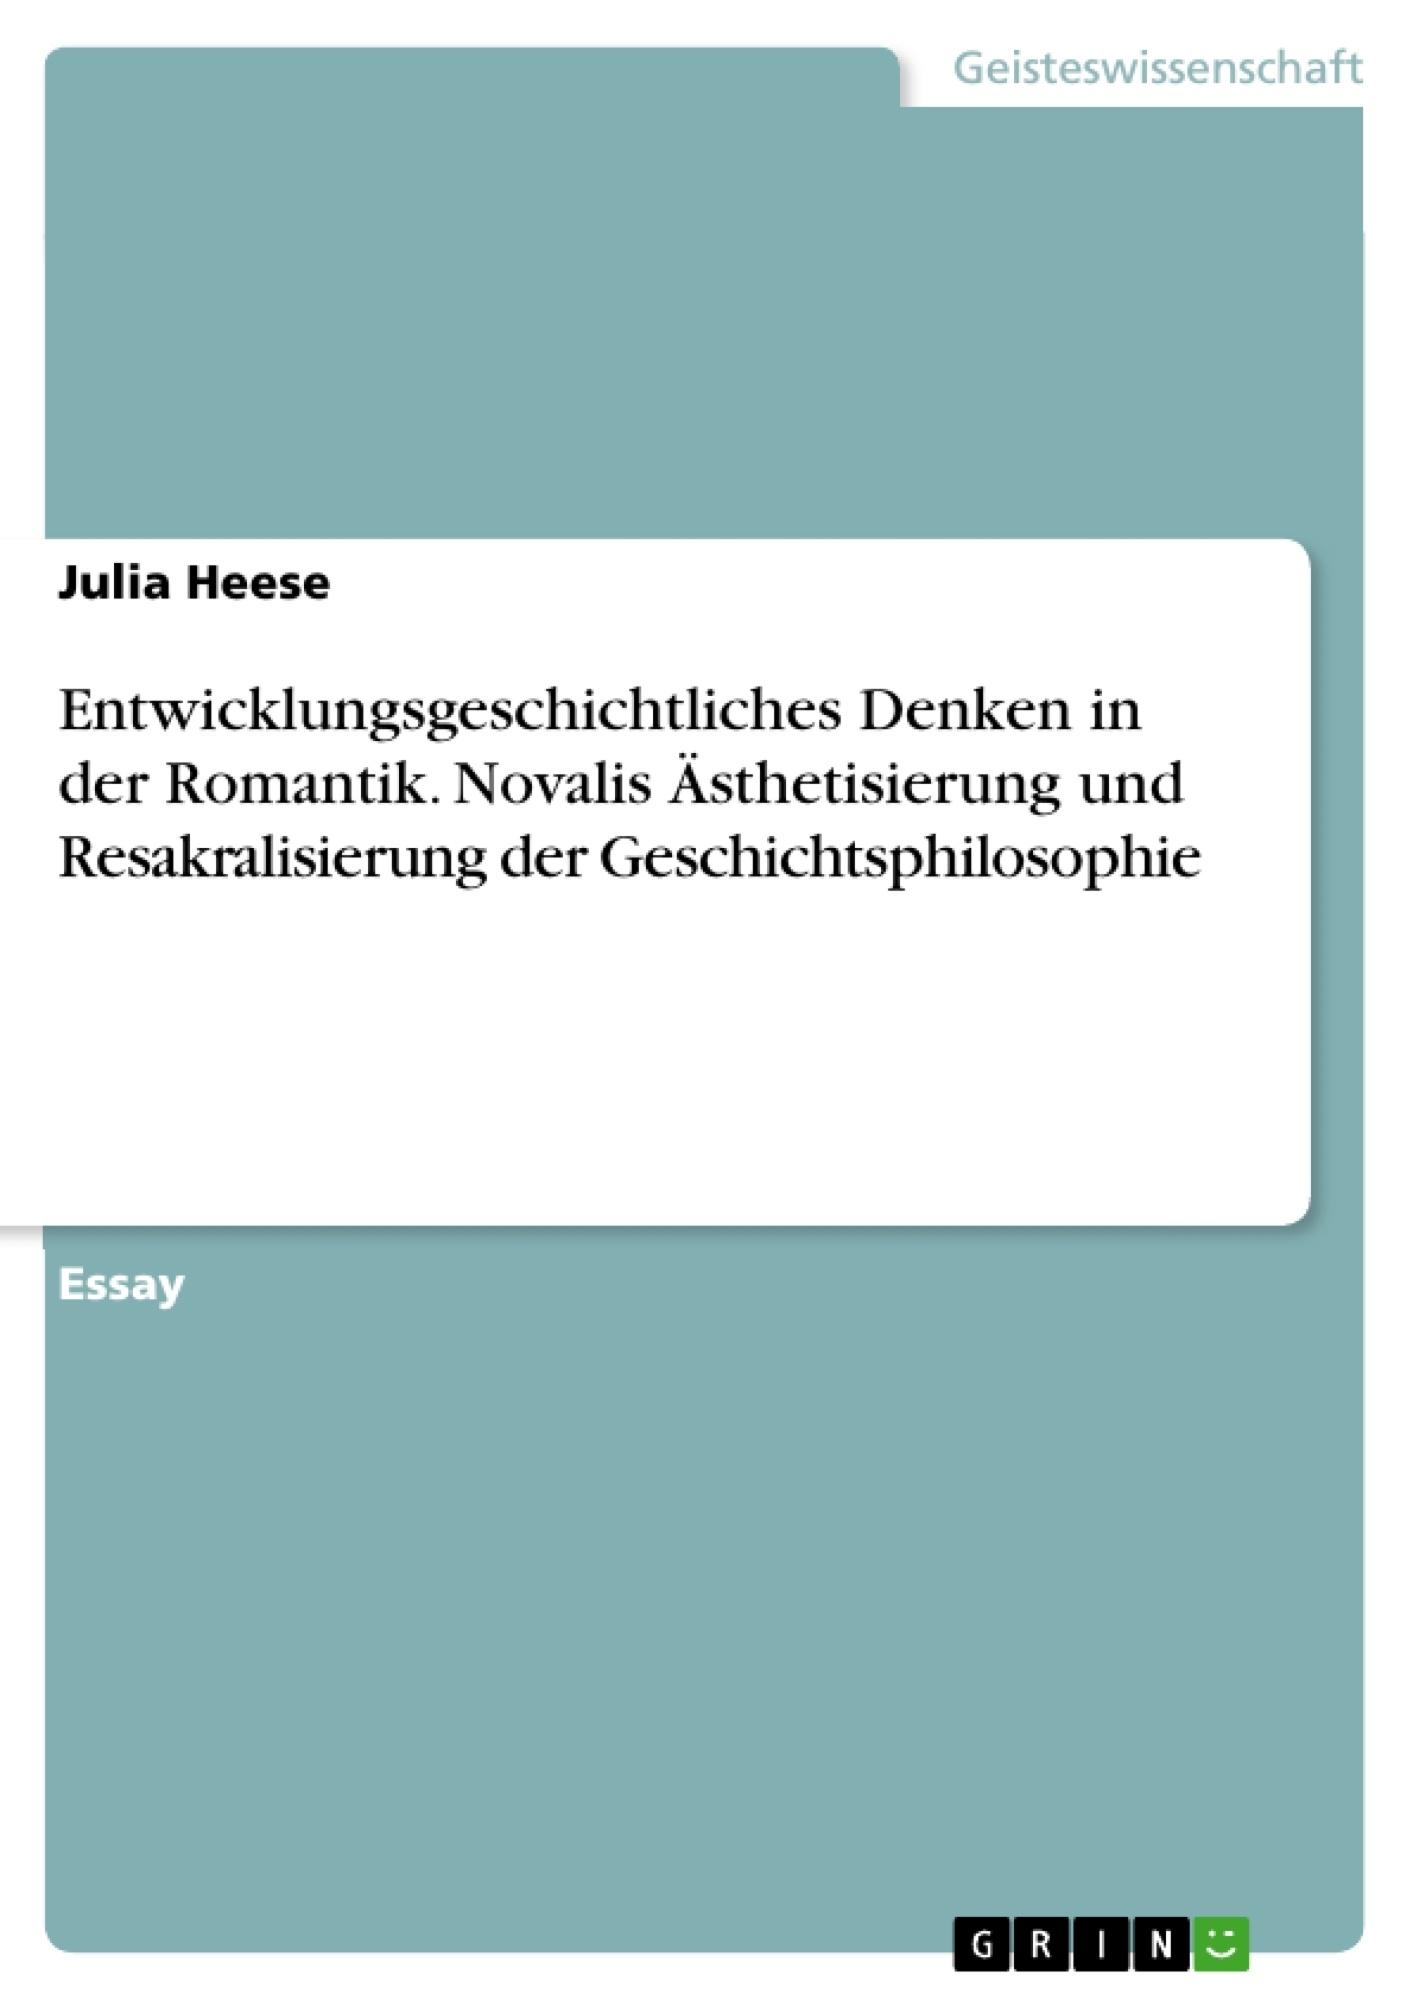 Titel: Entwicklungsgeschichtliches Denken in der Romantik. Novalis Ästhetisierung und Resakralisierung der Geschichtsphilosophie